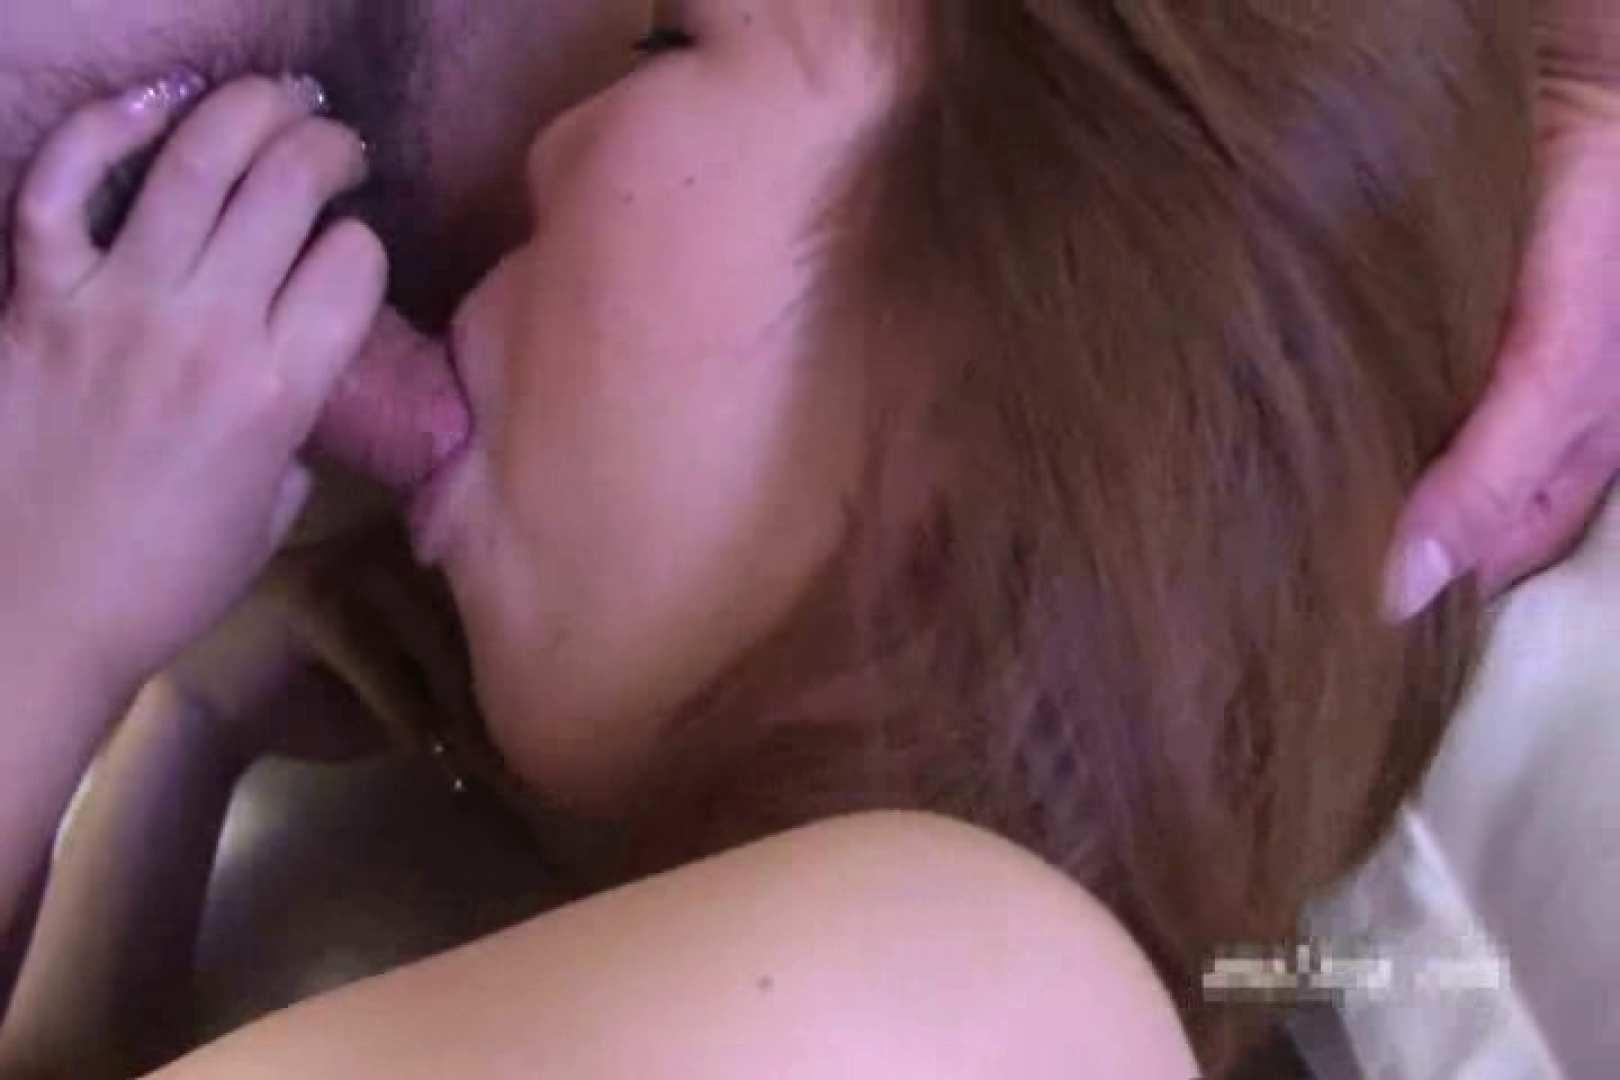 素人撮影会 みき21歳vol.2 投稿映像 アダルト動画キャプチャ 96pic 76